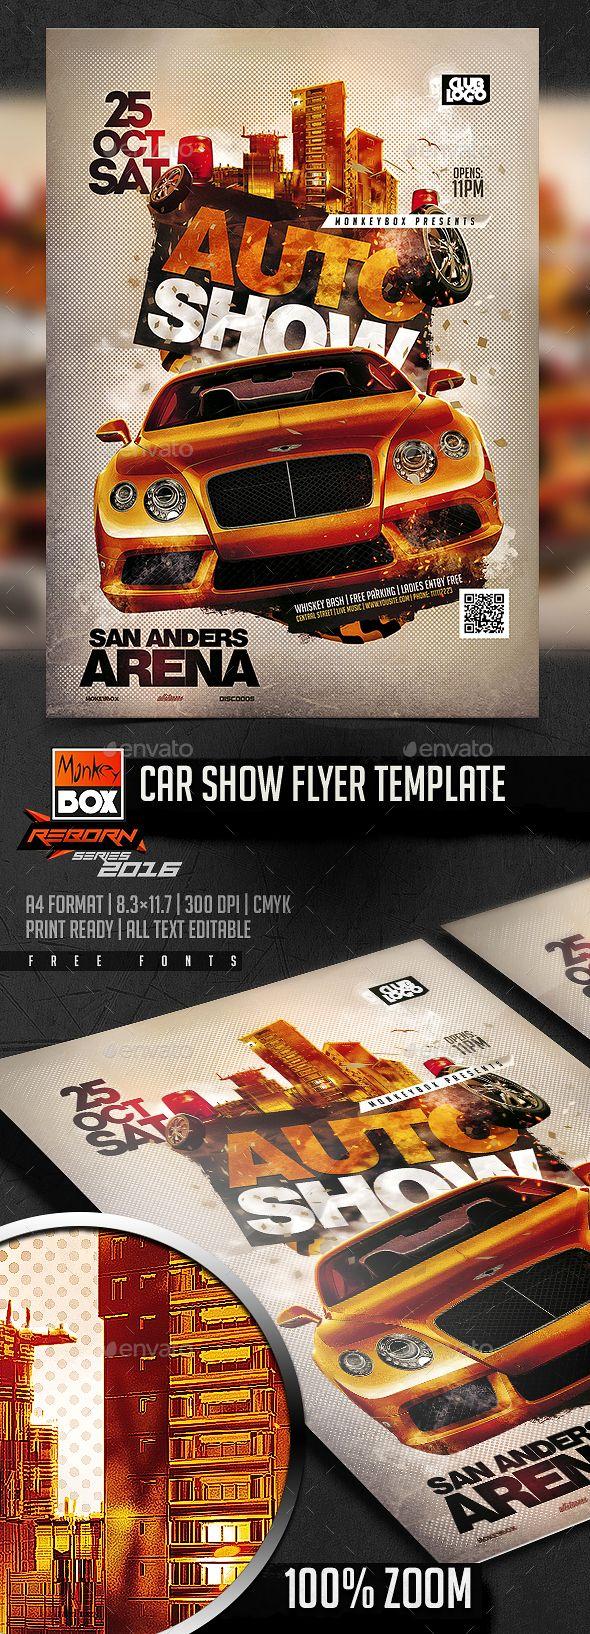 car show flyer template. Black Bedroom Furniture Sets. Home Design Ideas